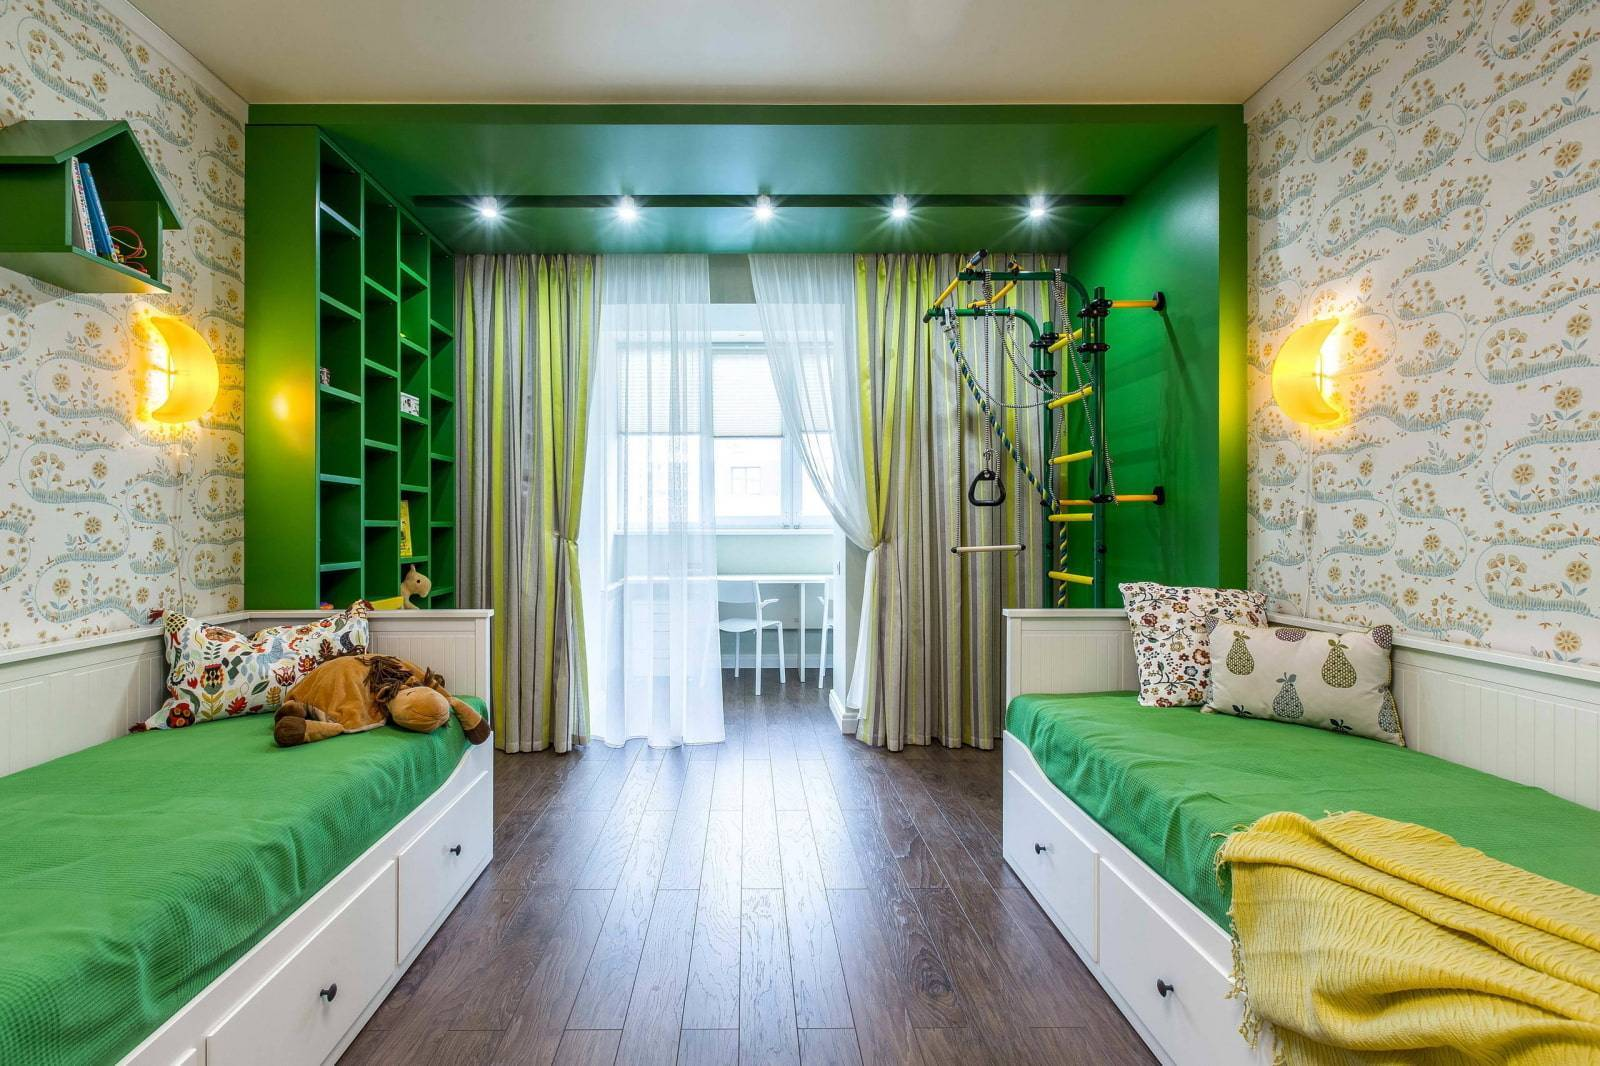 Дизайн детской комнаты 9 кв м: фото примеров интерьера, варианты планировки